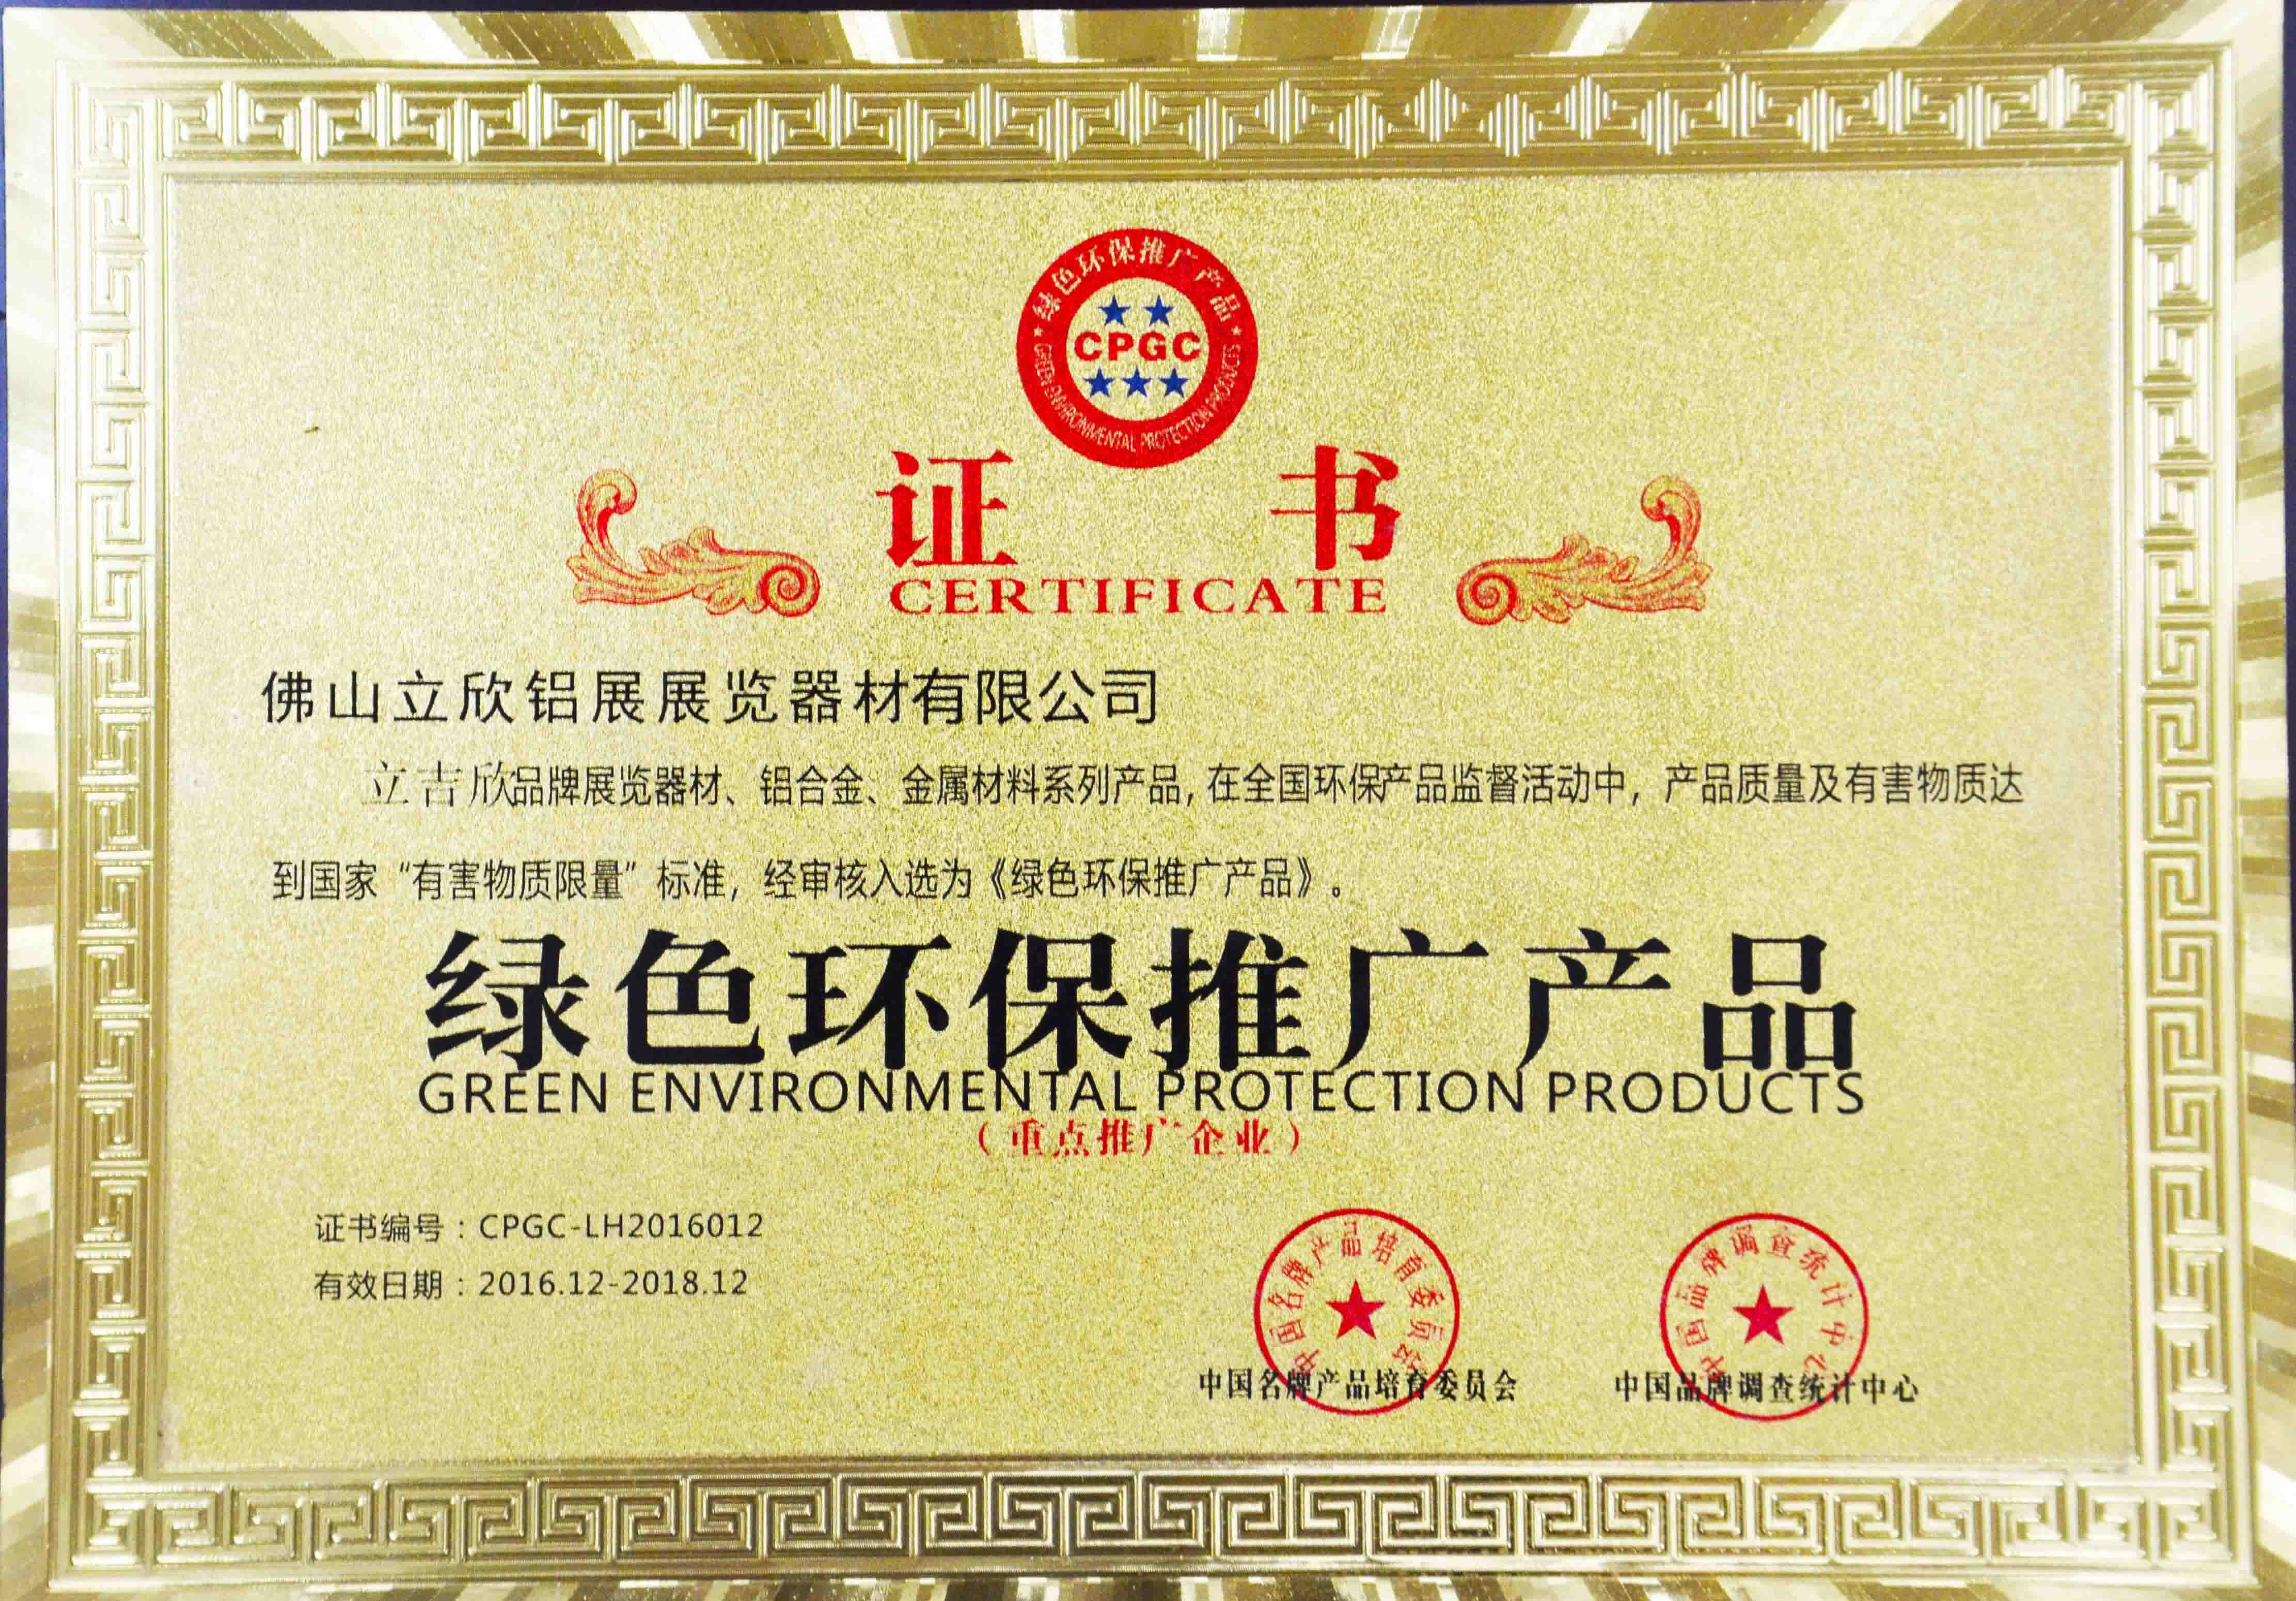 立欣荣誉和资格认证